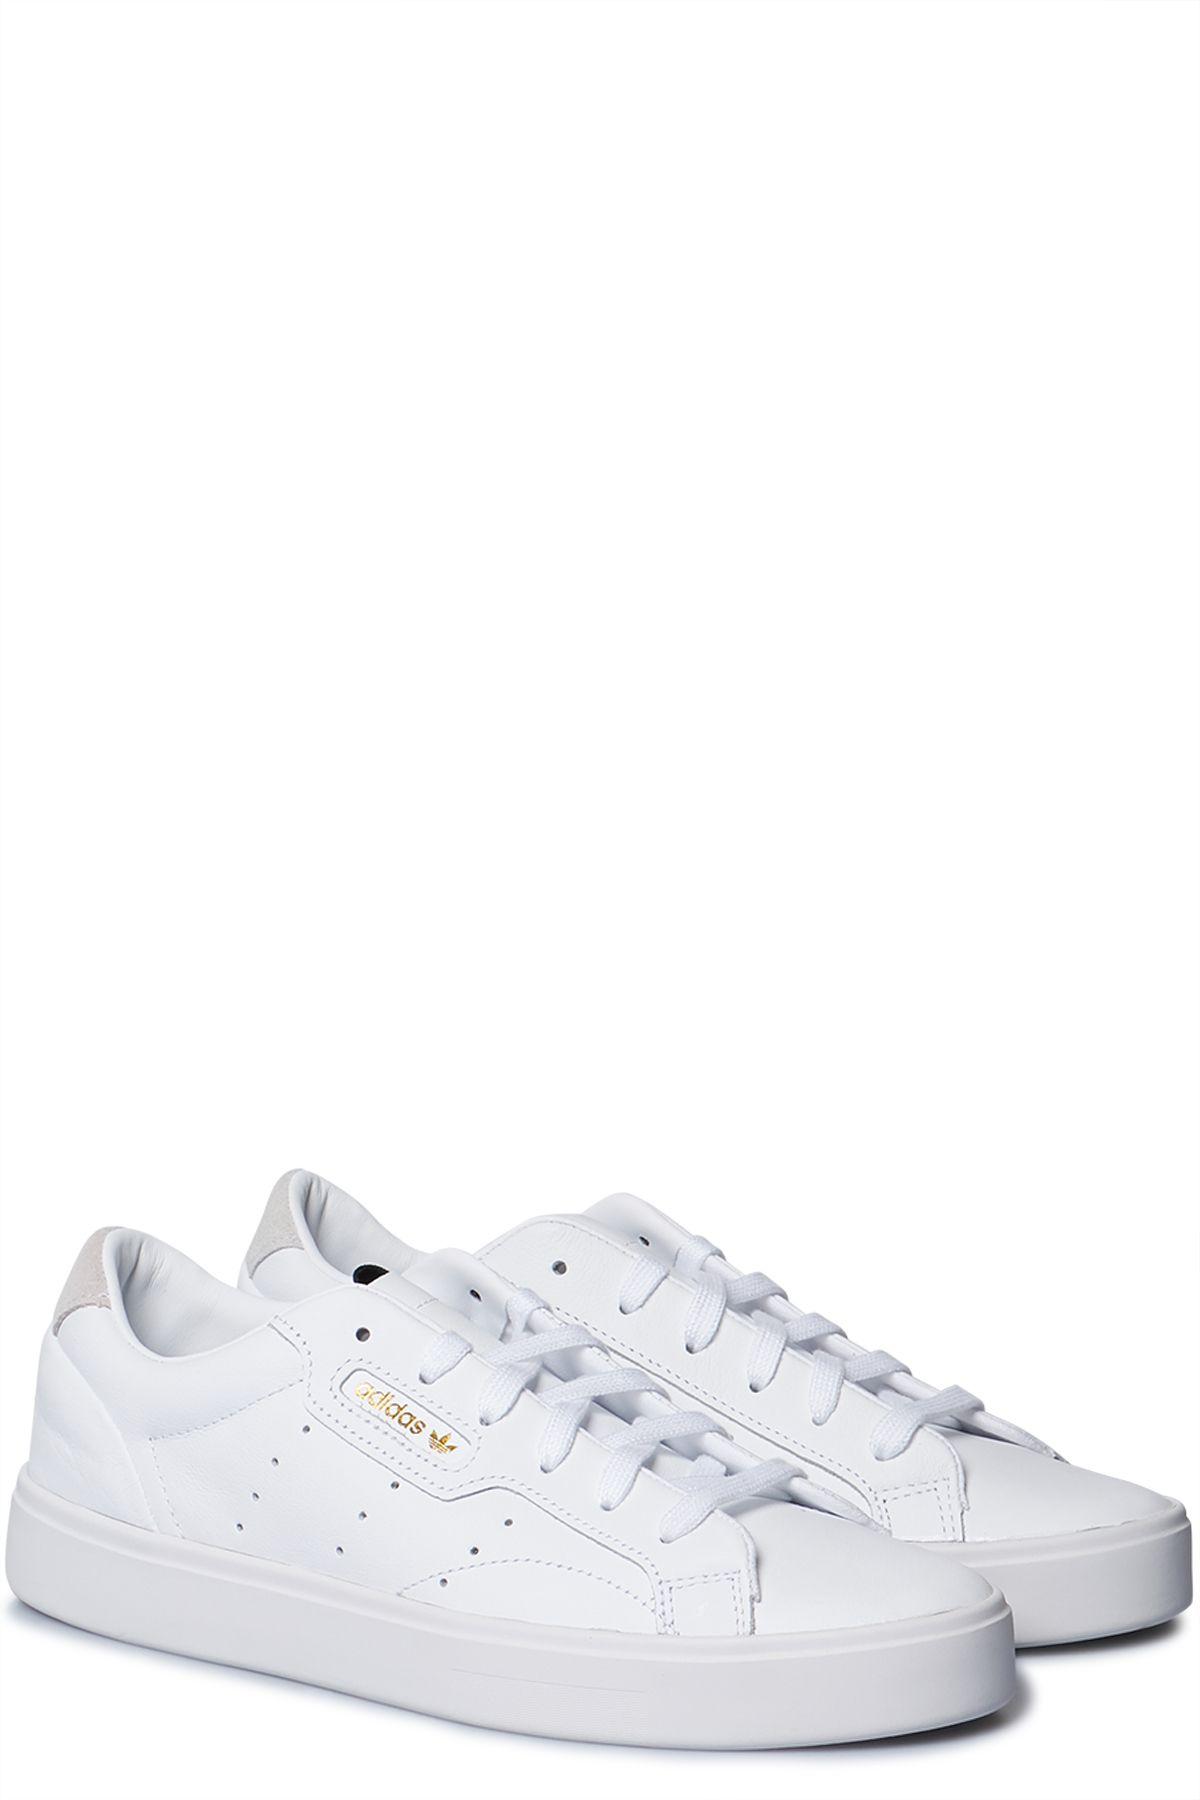 Sneakers OriginalsUnd DbSchuhe Adidas Sleek W OPXZiuk